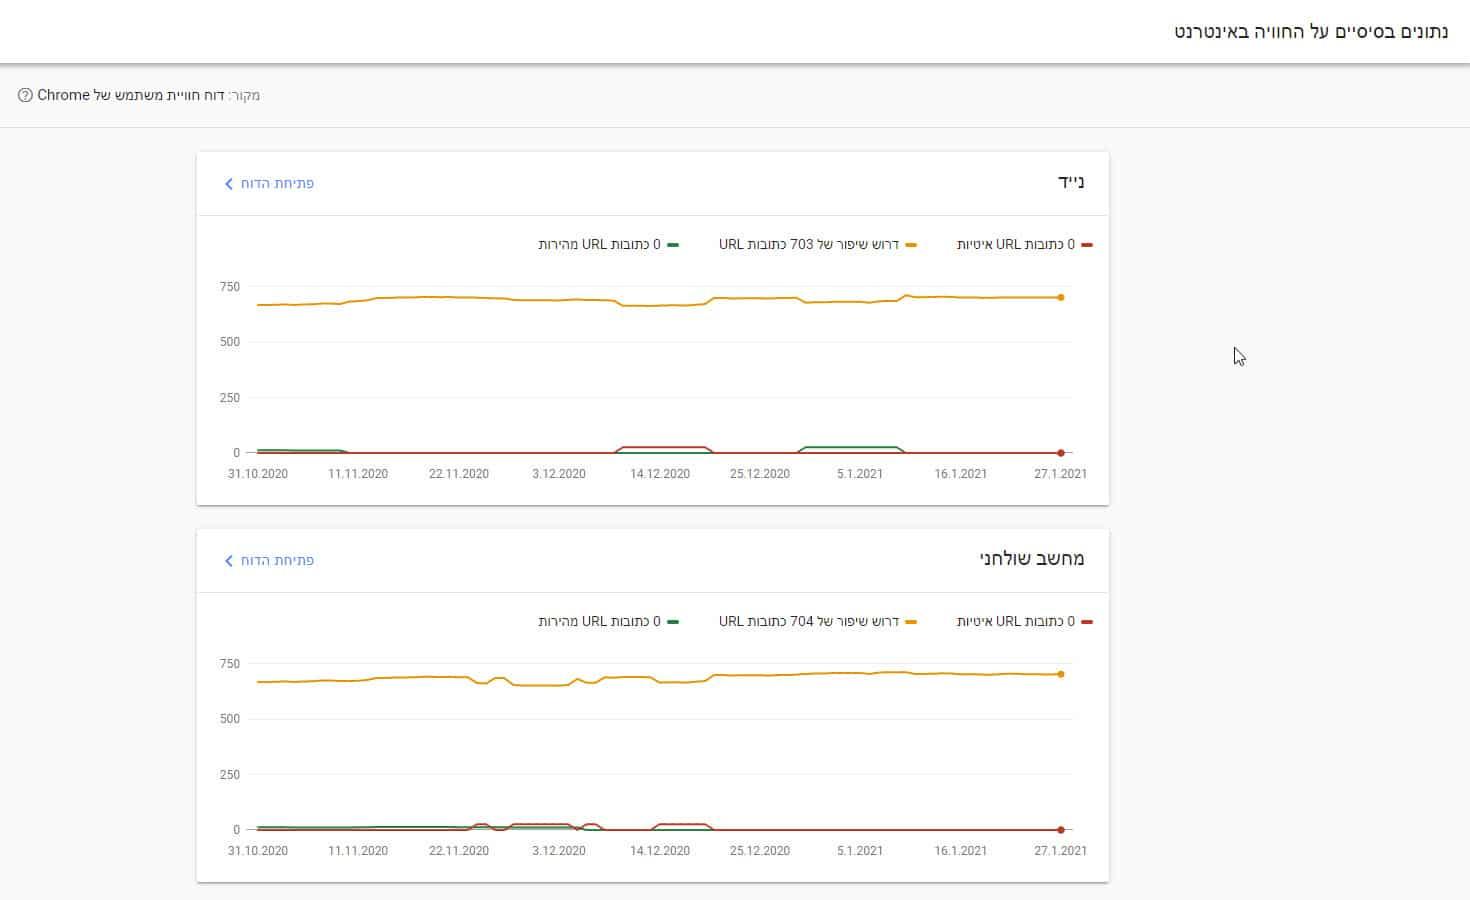 דוחות חוויה באינטרנט של כלי מנהלי אתרים